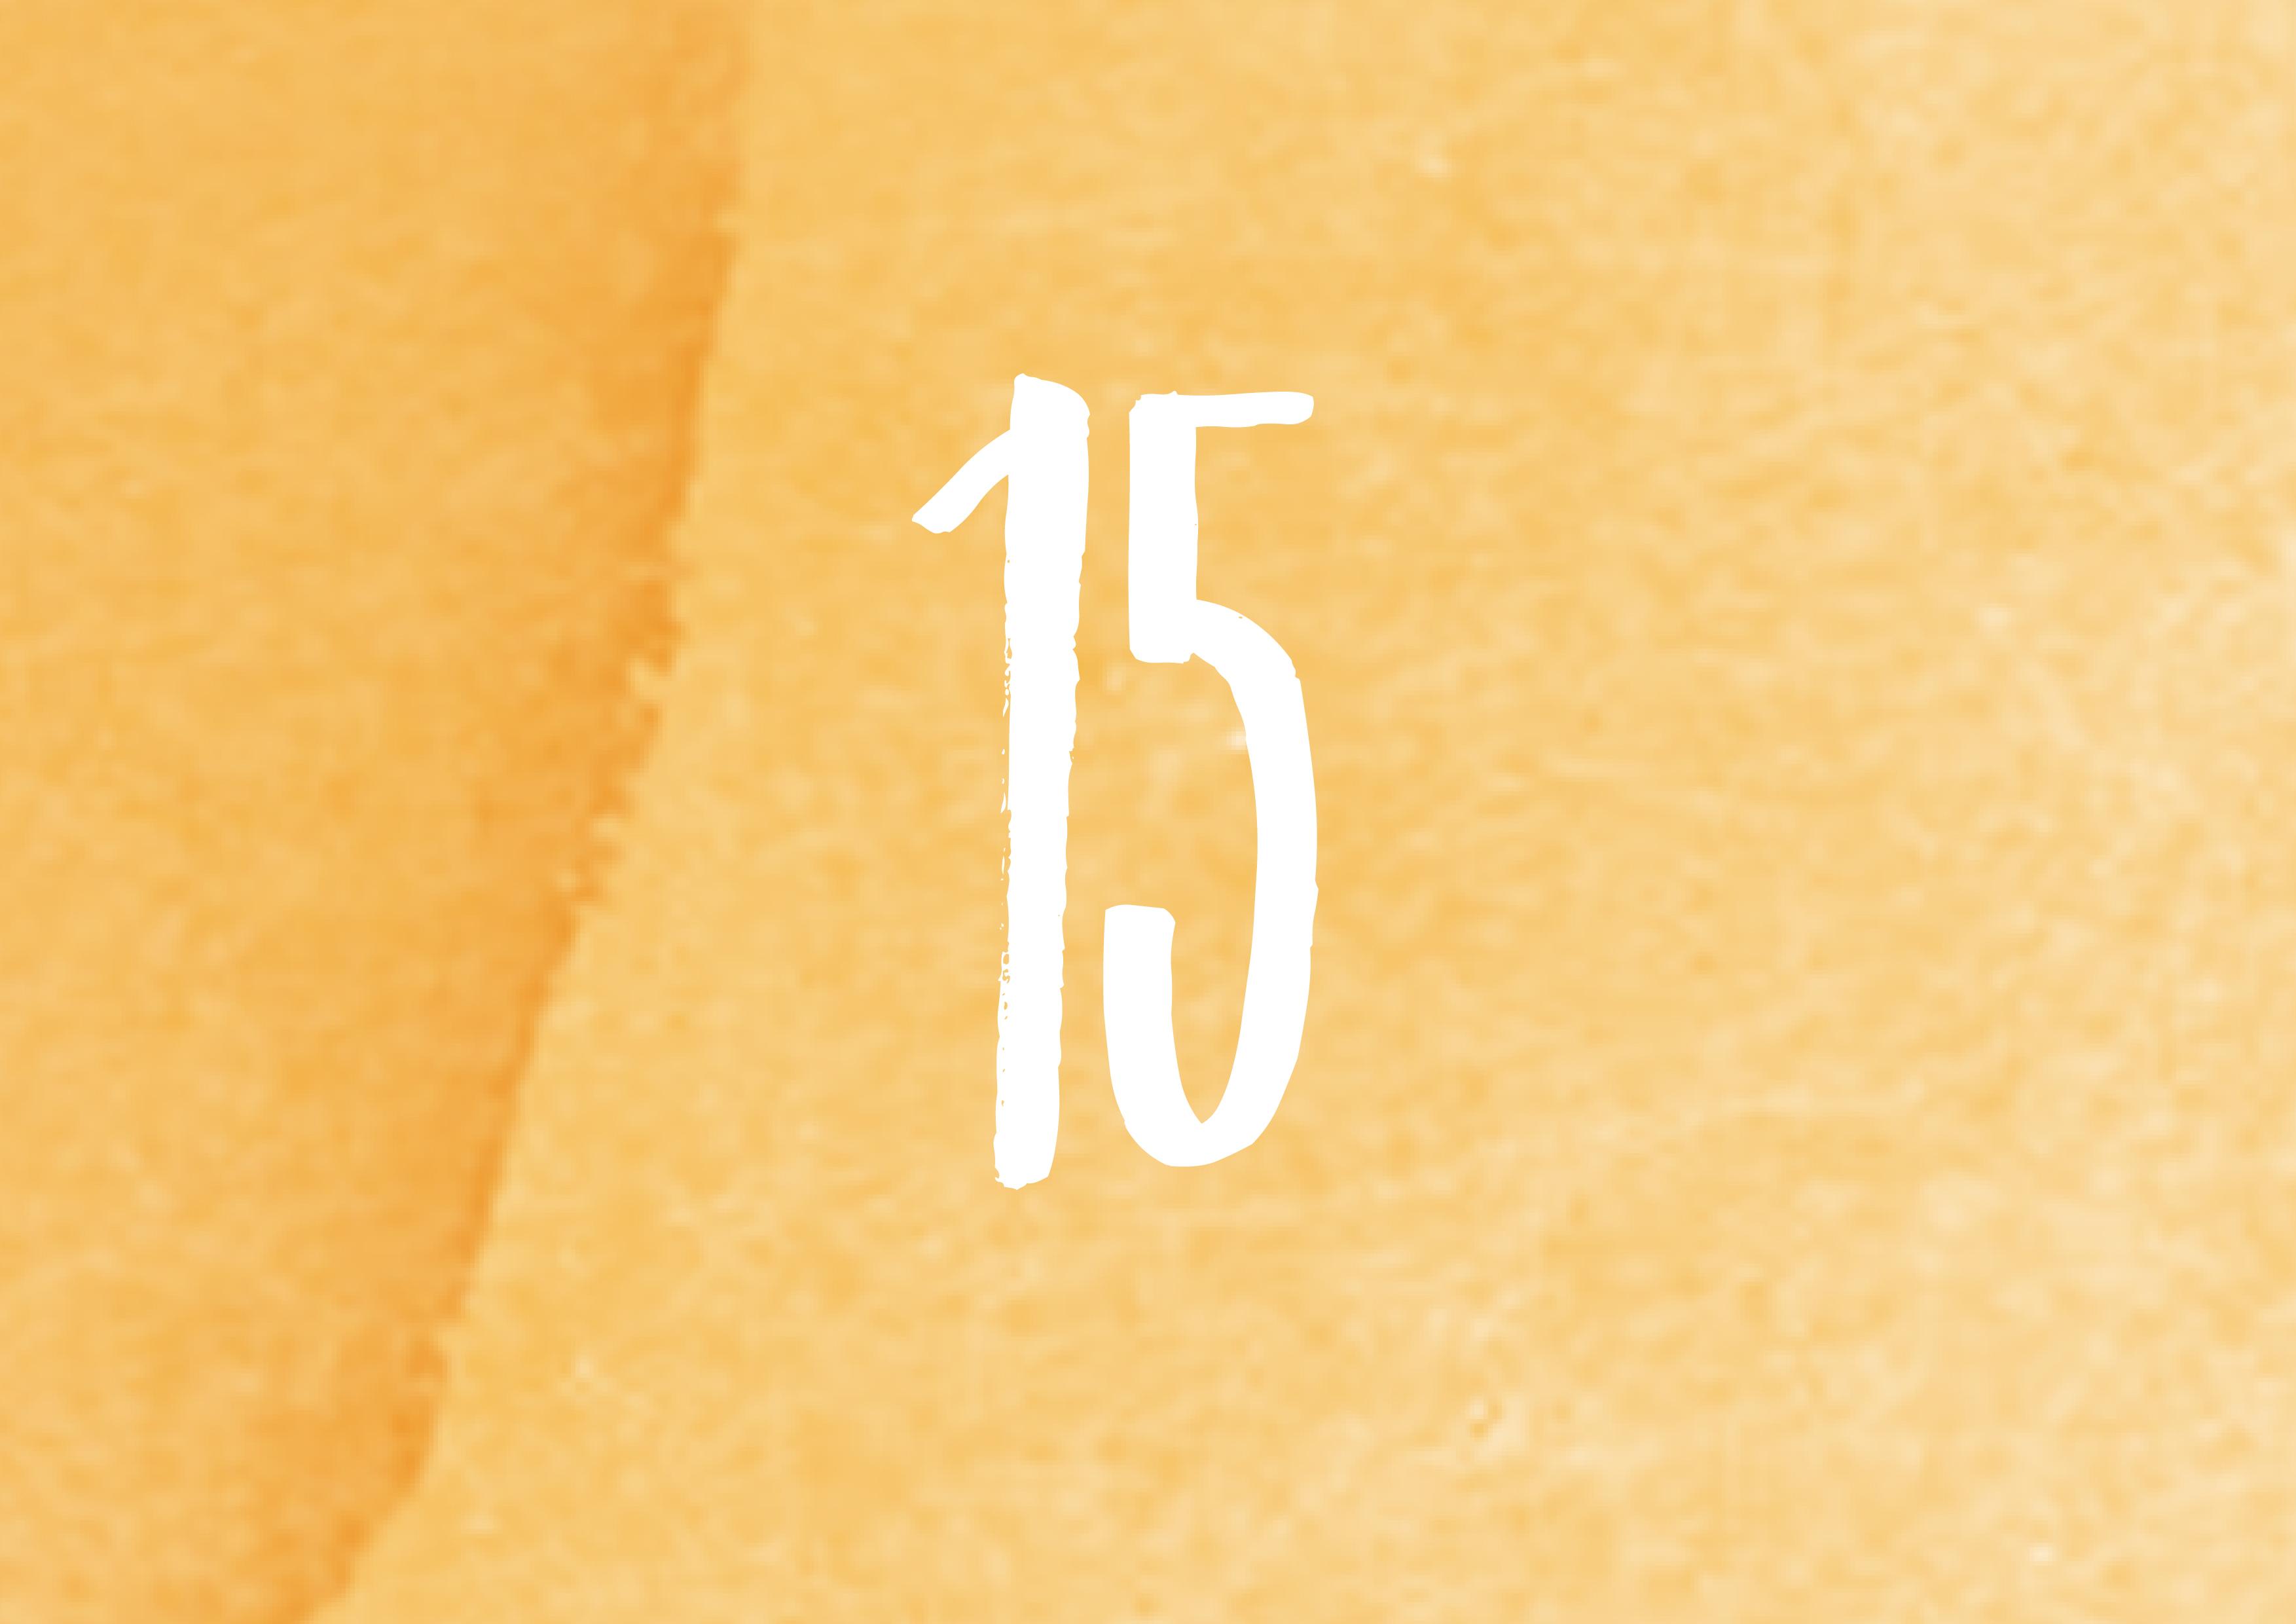 Calendrier de l'avent - 15